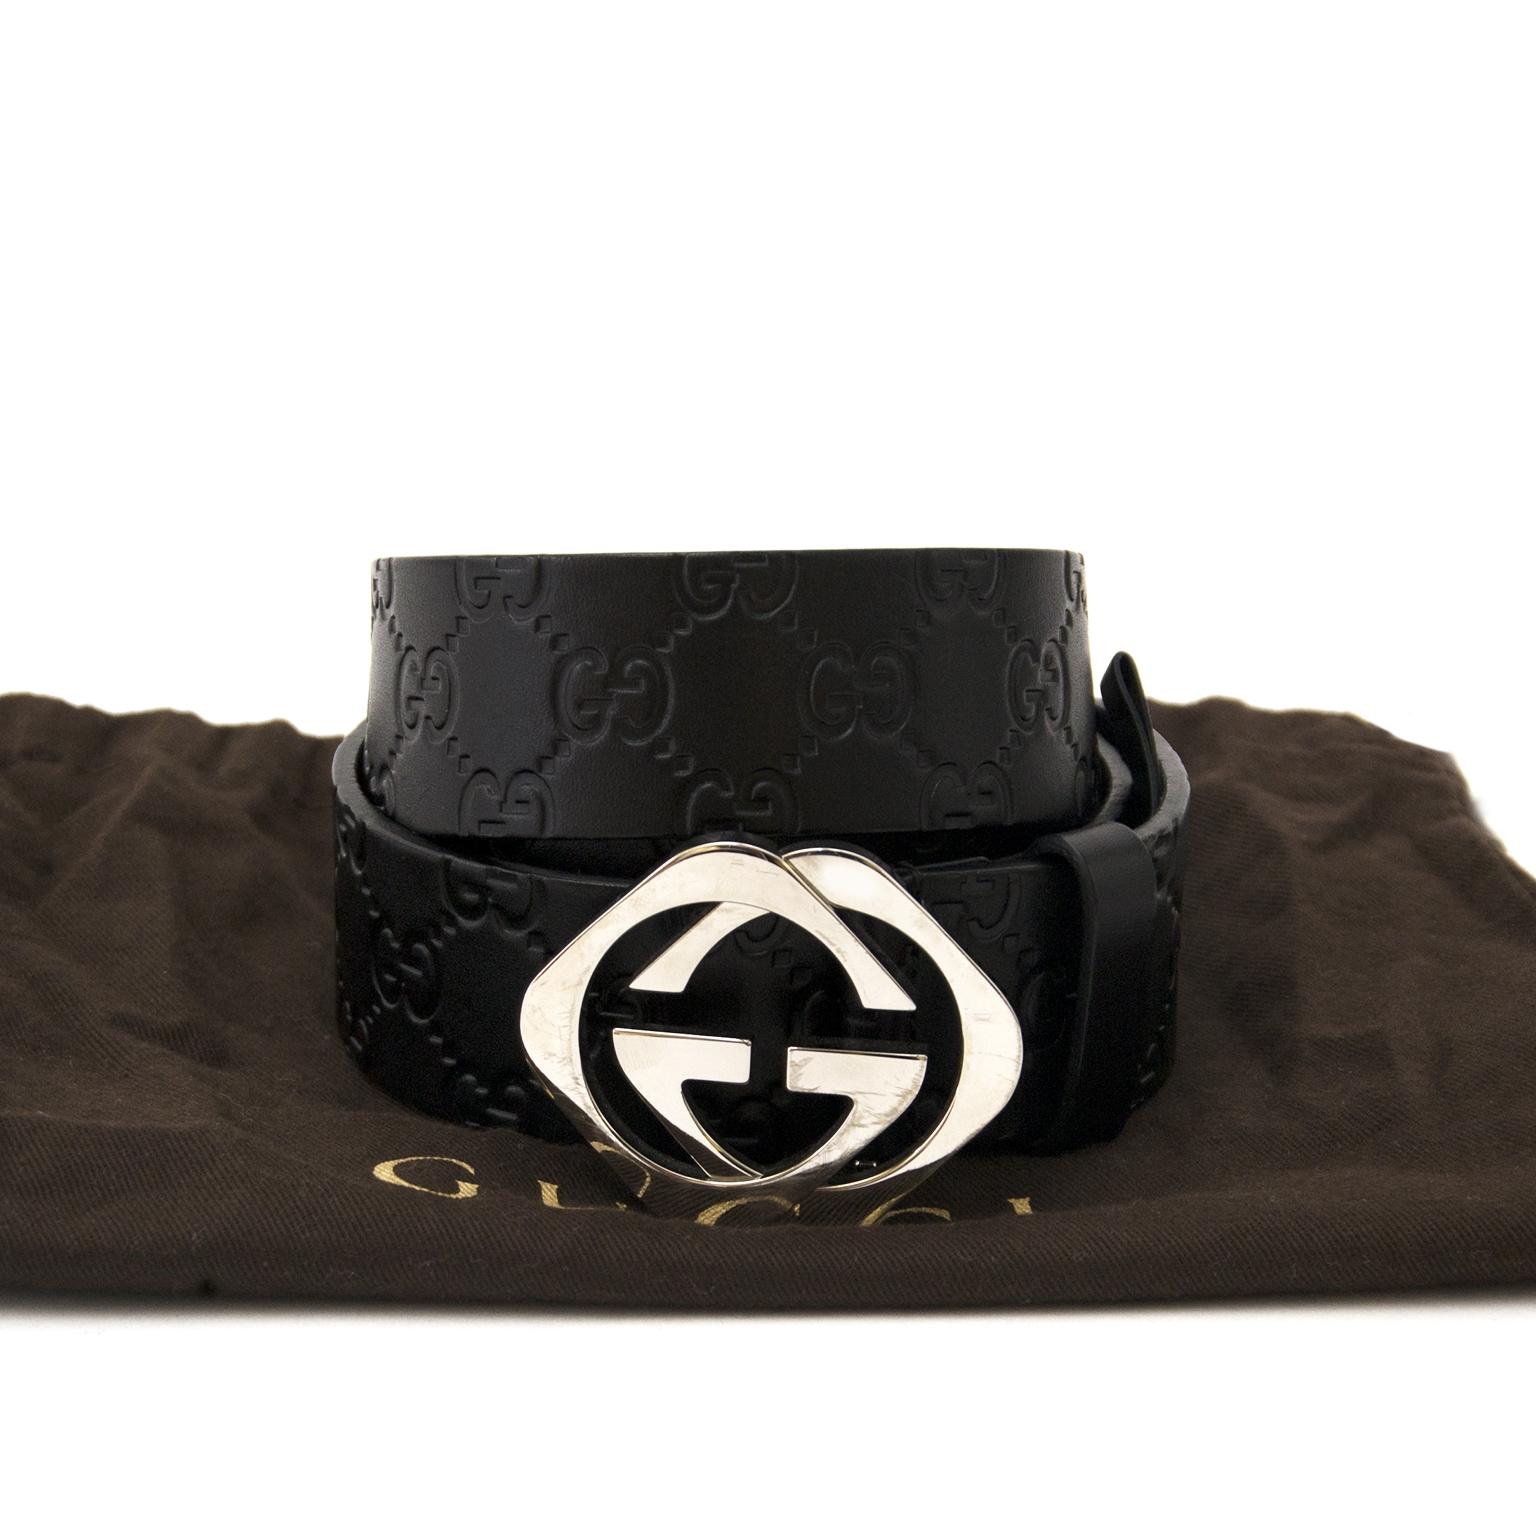 63ff9e86d7d ... sale online at Labellov Acheter secur en ligne votre ceinture en cuir Gucci  monogram pour le meilleur prix